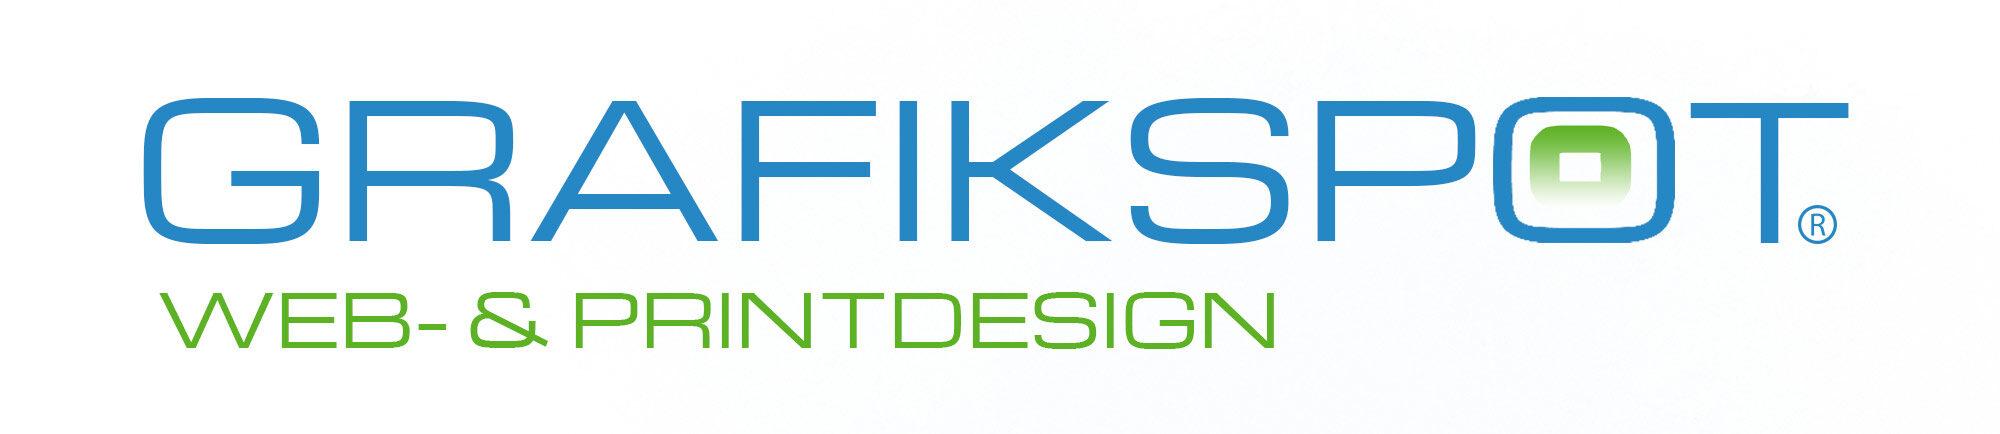 Web- und Grafikdesign aus Falkensee